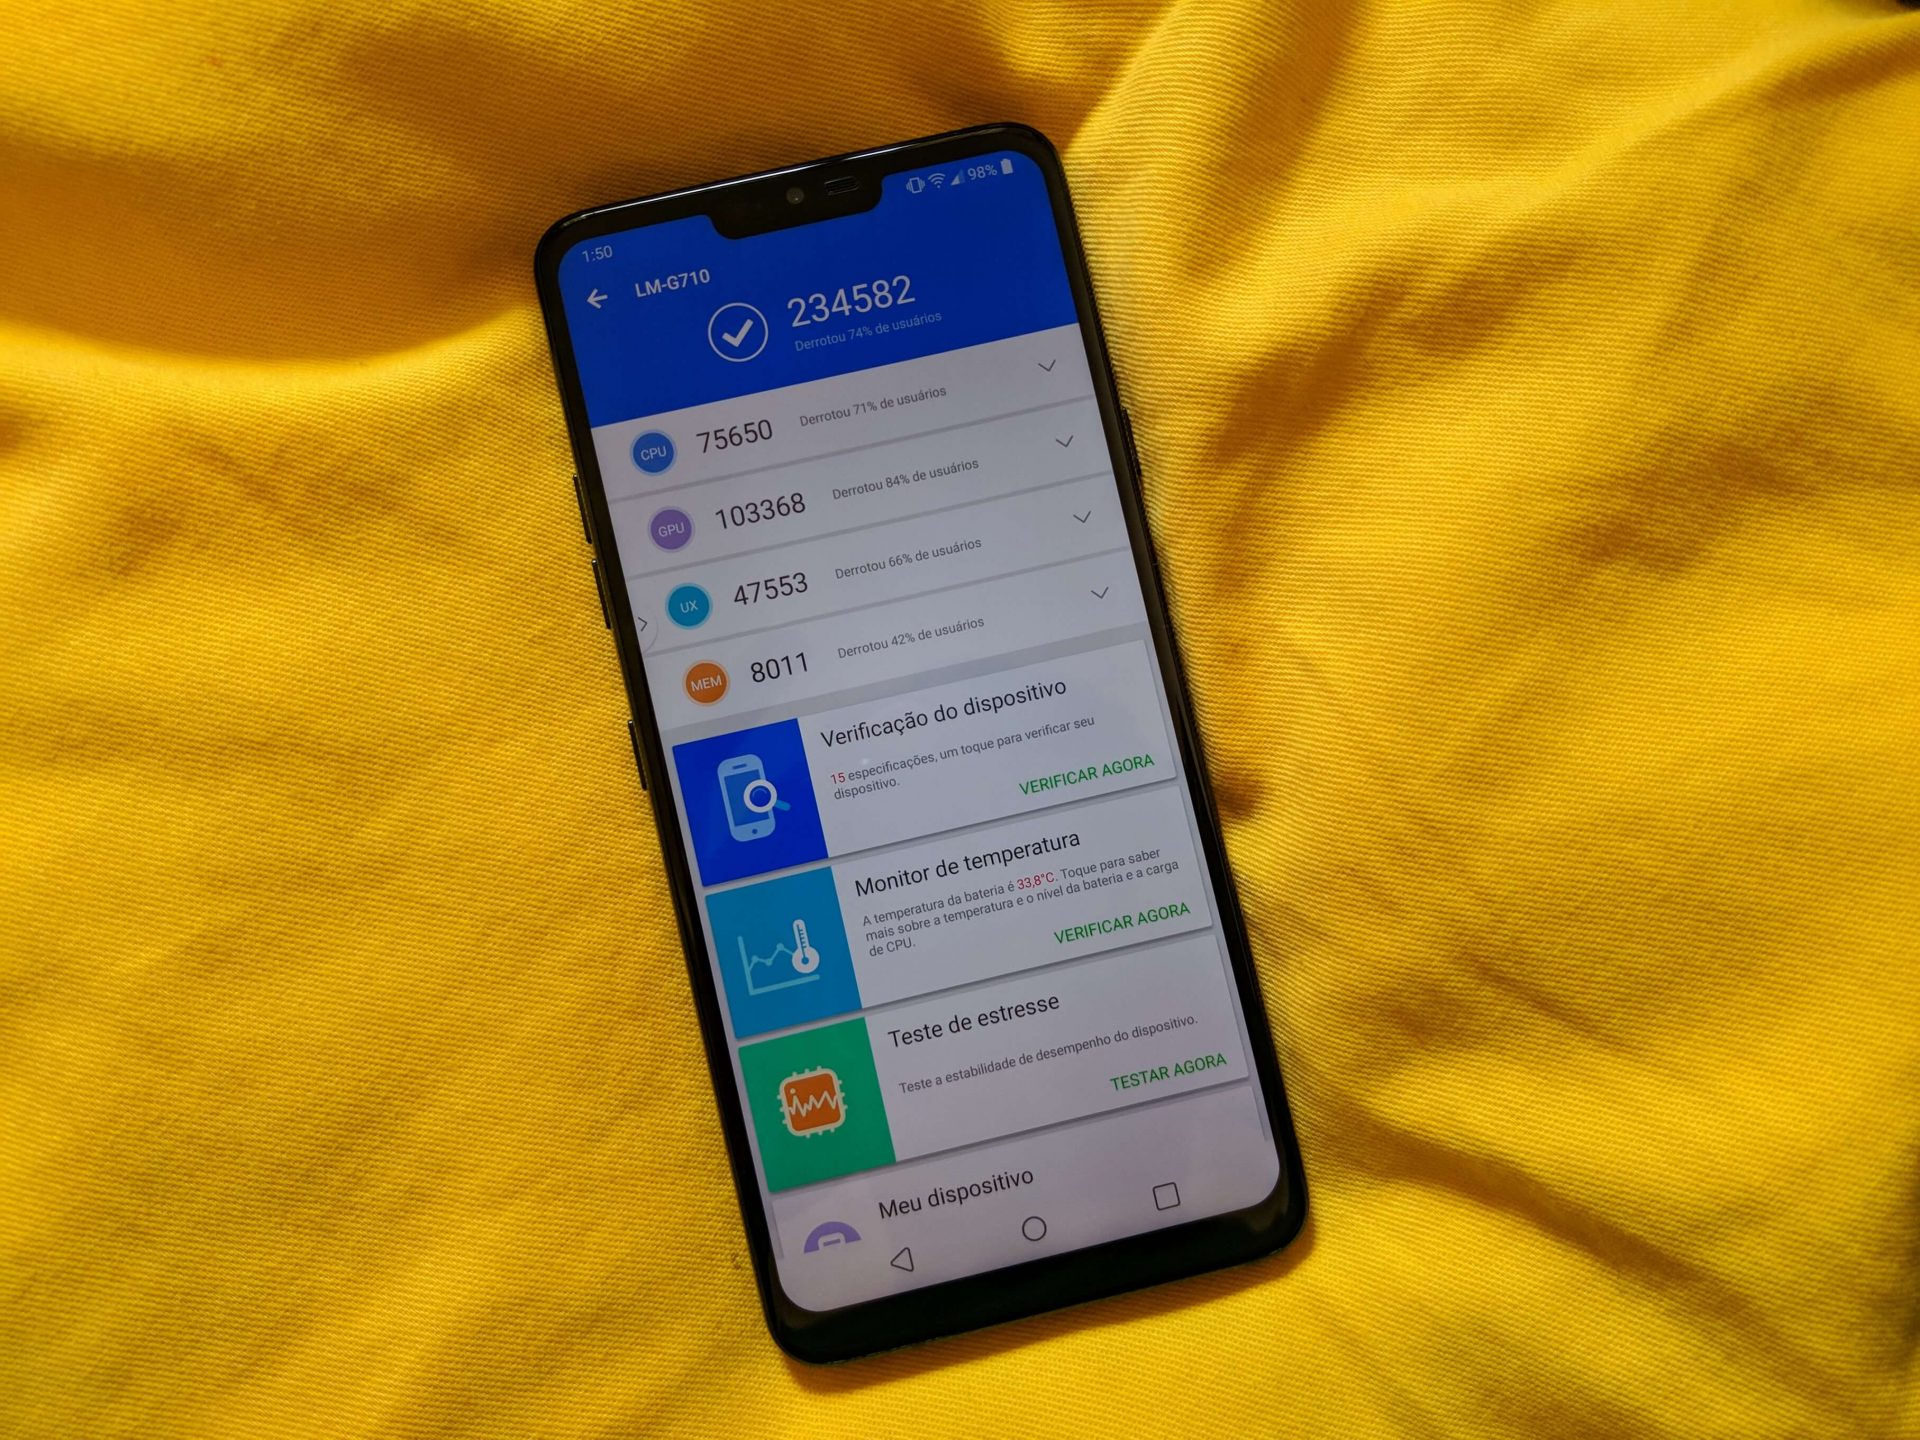 IMG 20181112 145034 - REVIEW: LG G7 ThinQ, um smartphone racional e de ótimo custo-benefício